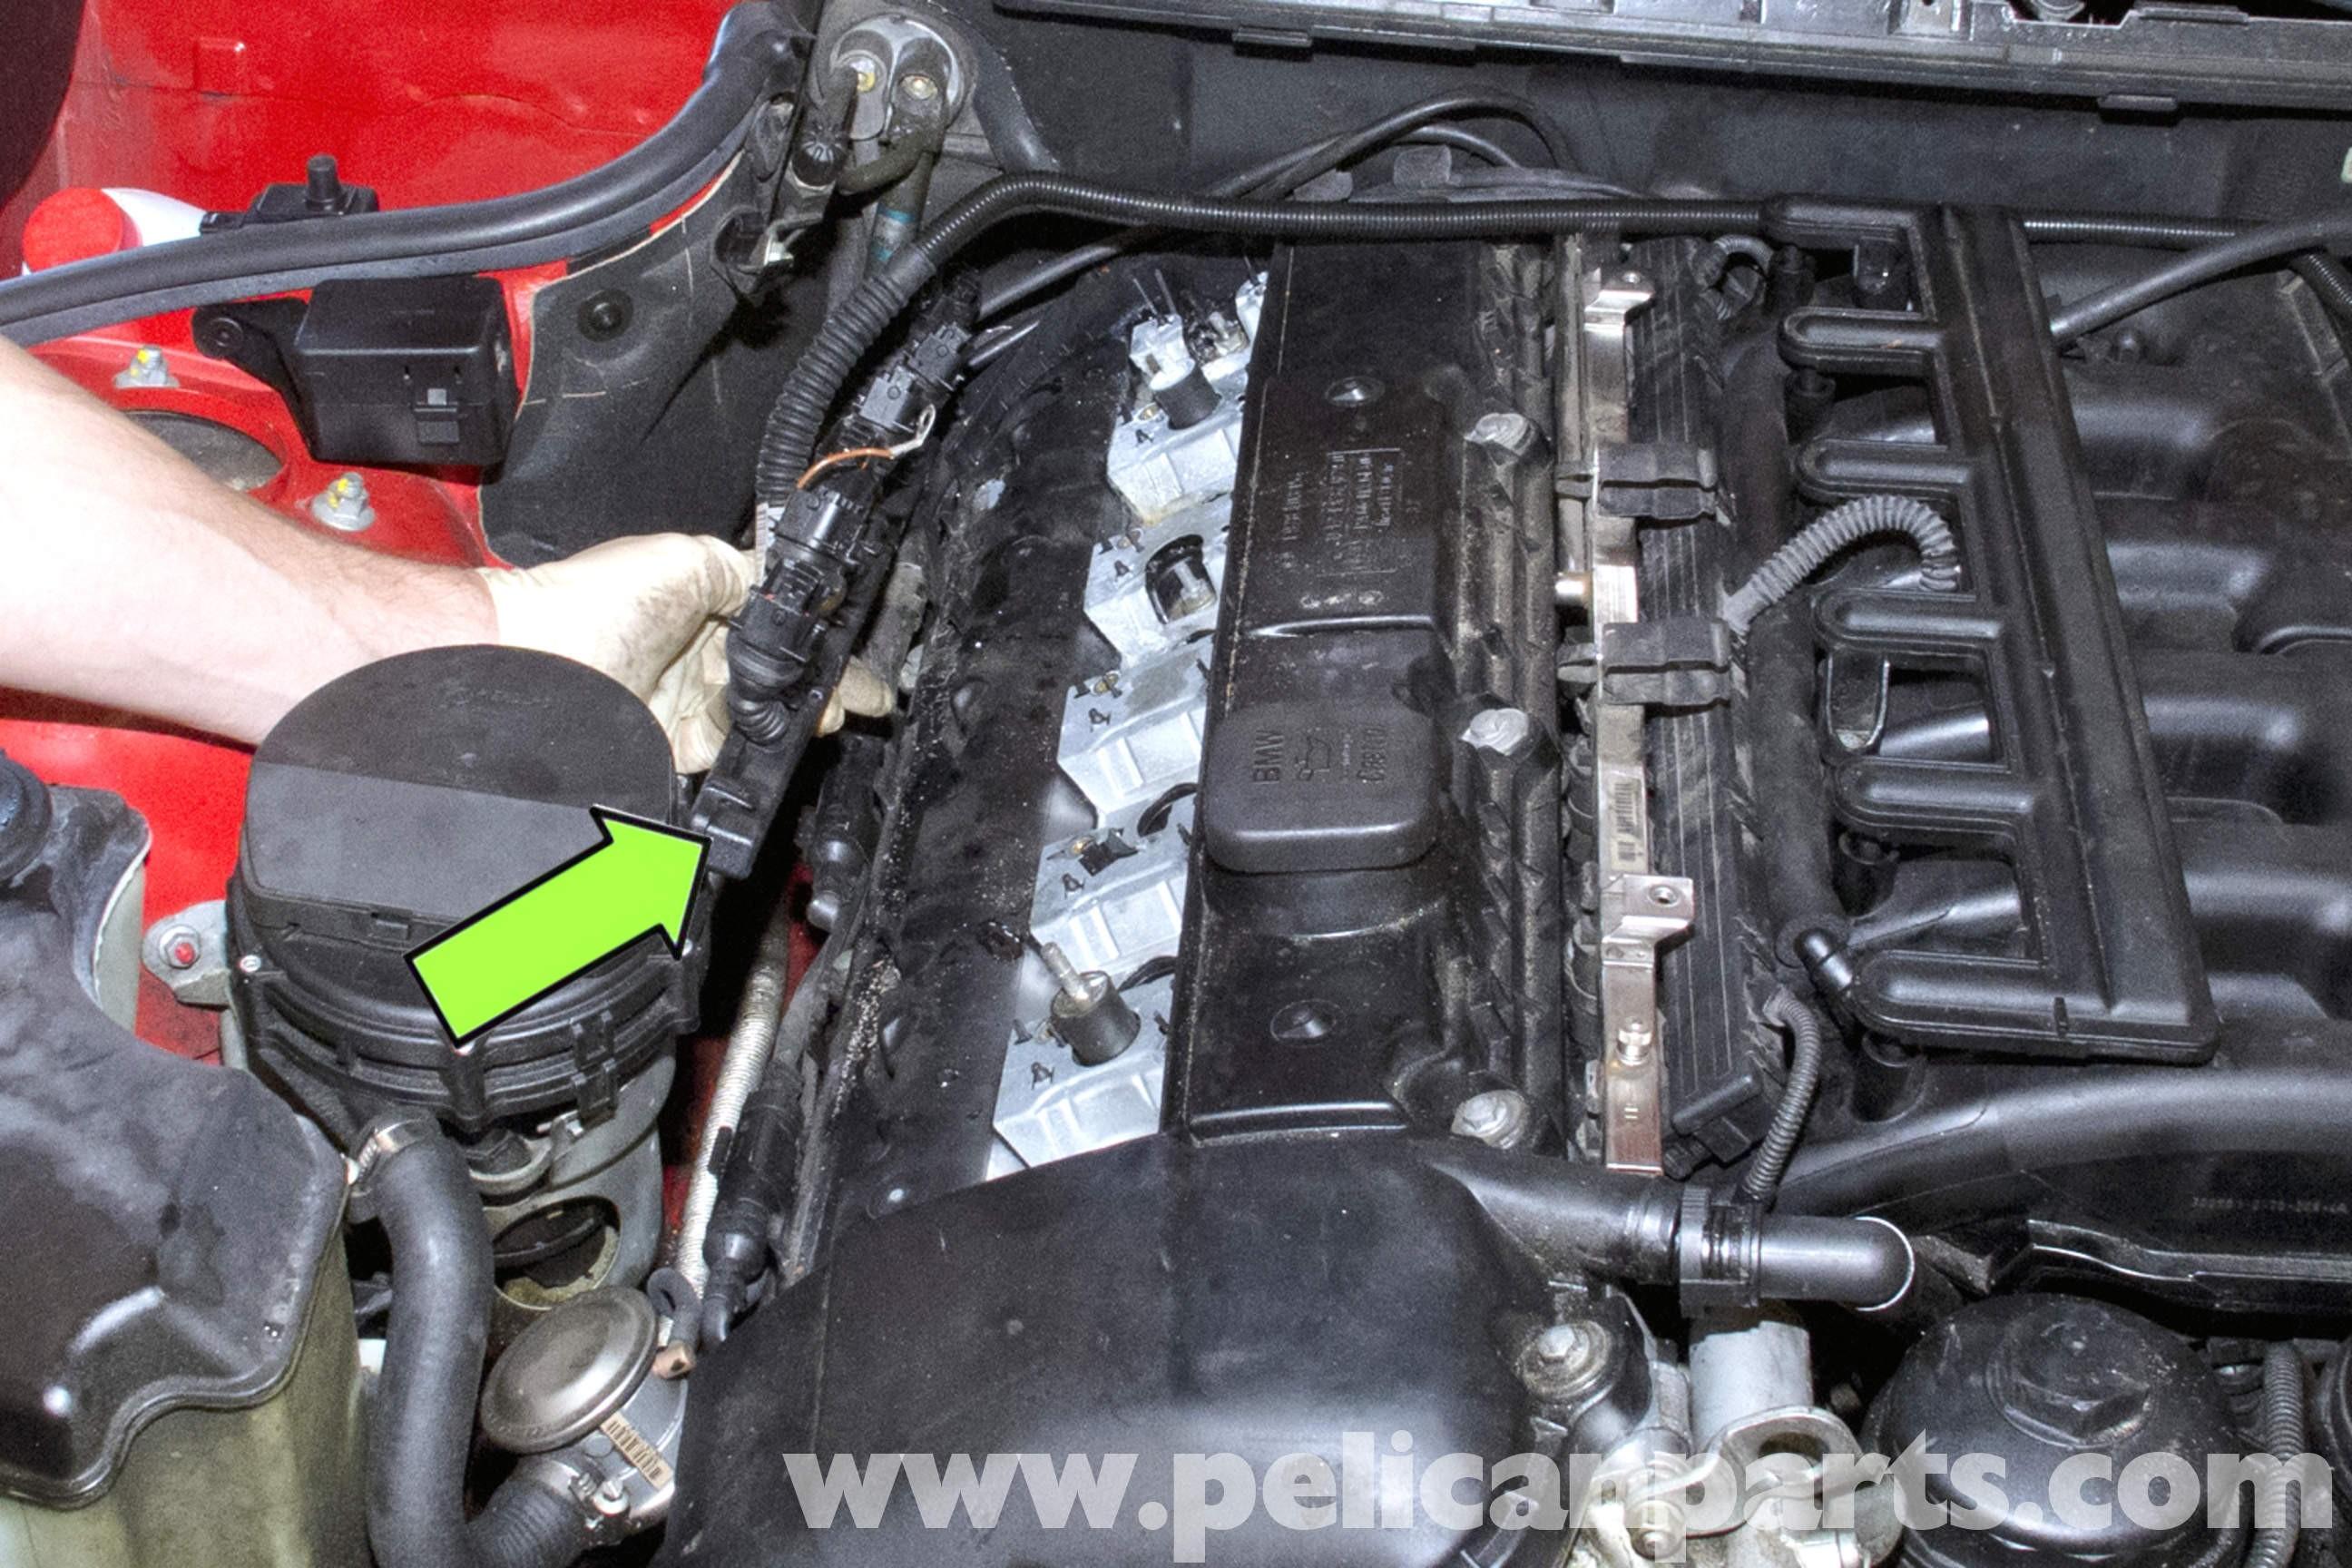 2001 Bmw 330i Engine Diagram Bmw E46 Valve Cover Removal Of 2001 Bmw 330i Engine Diagram